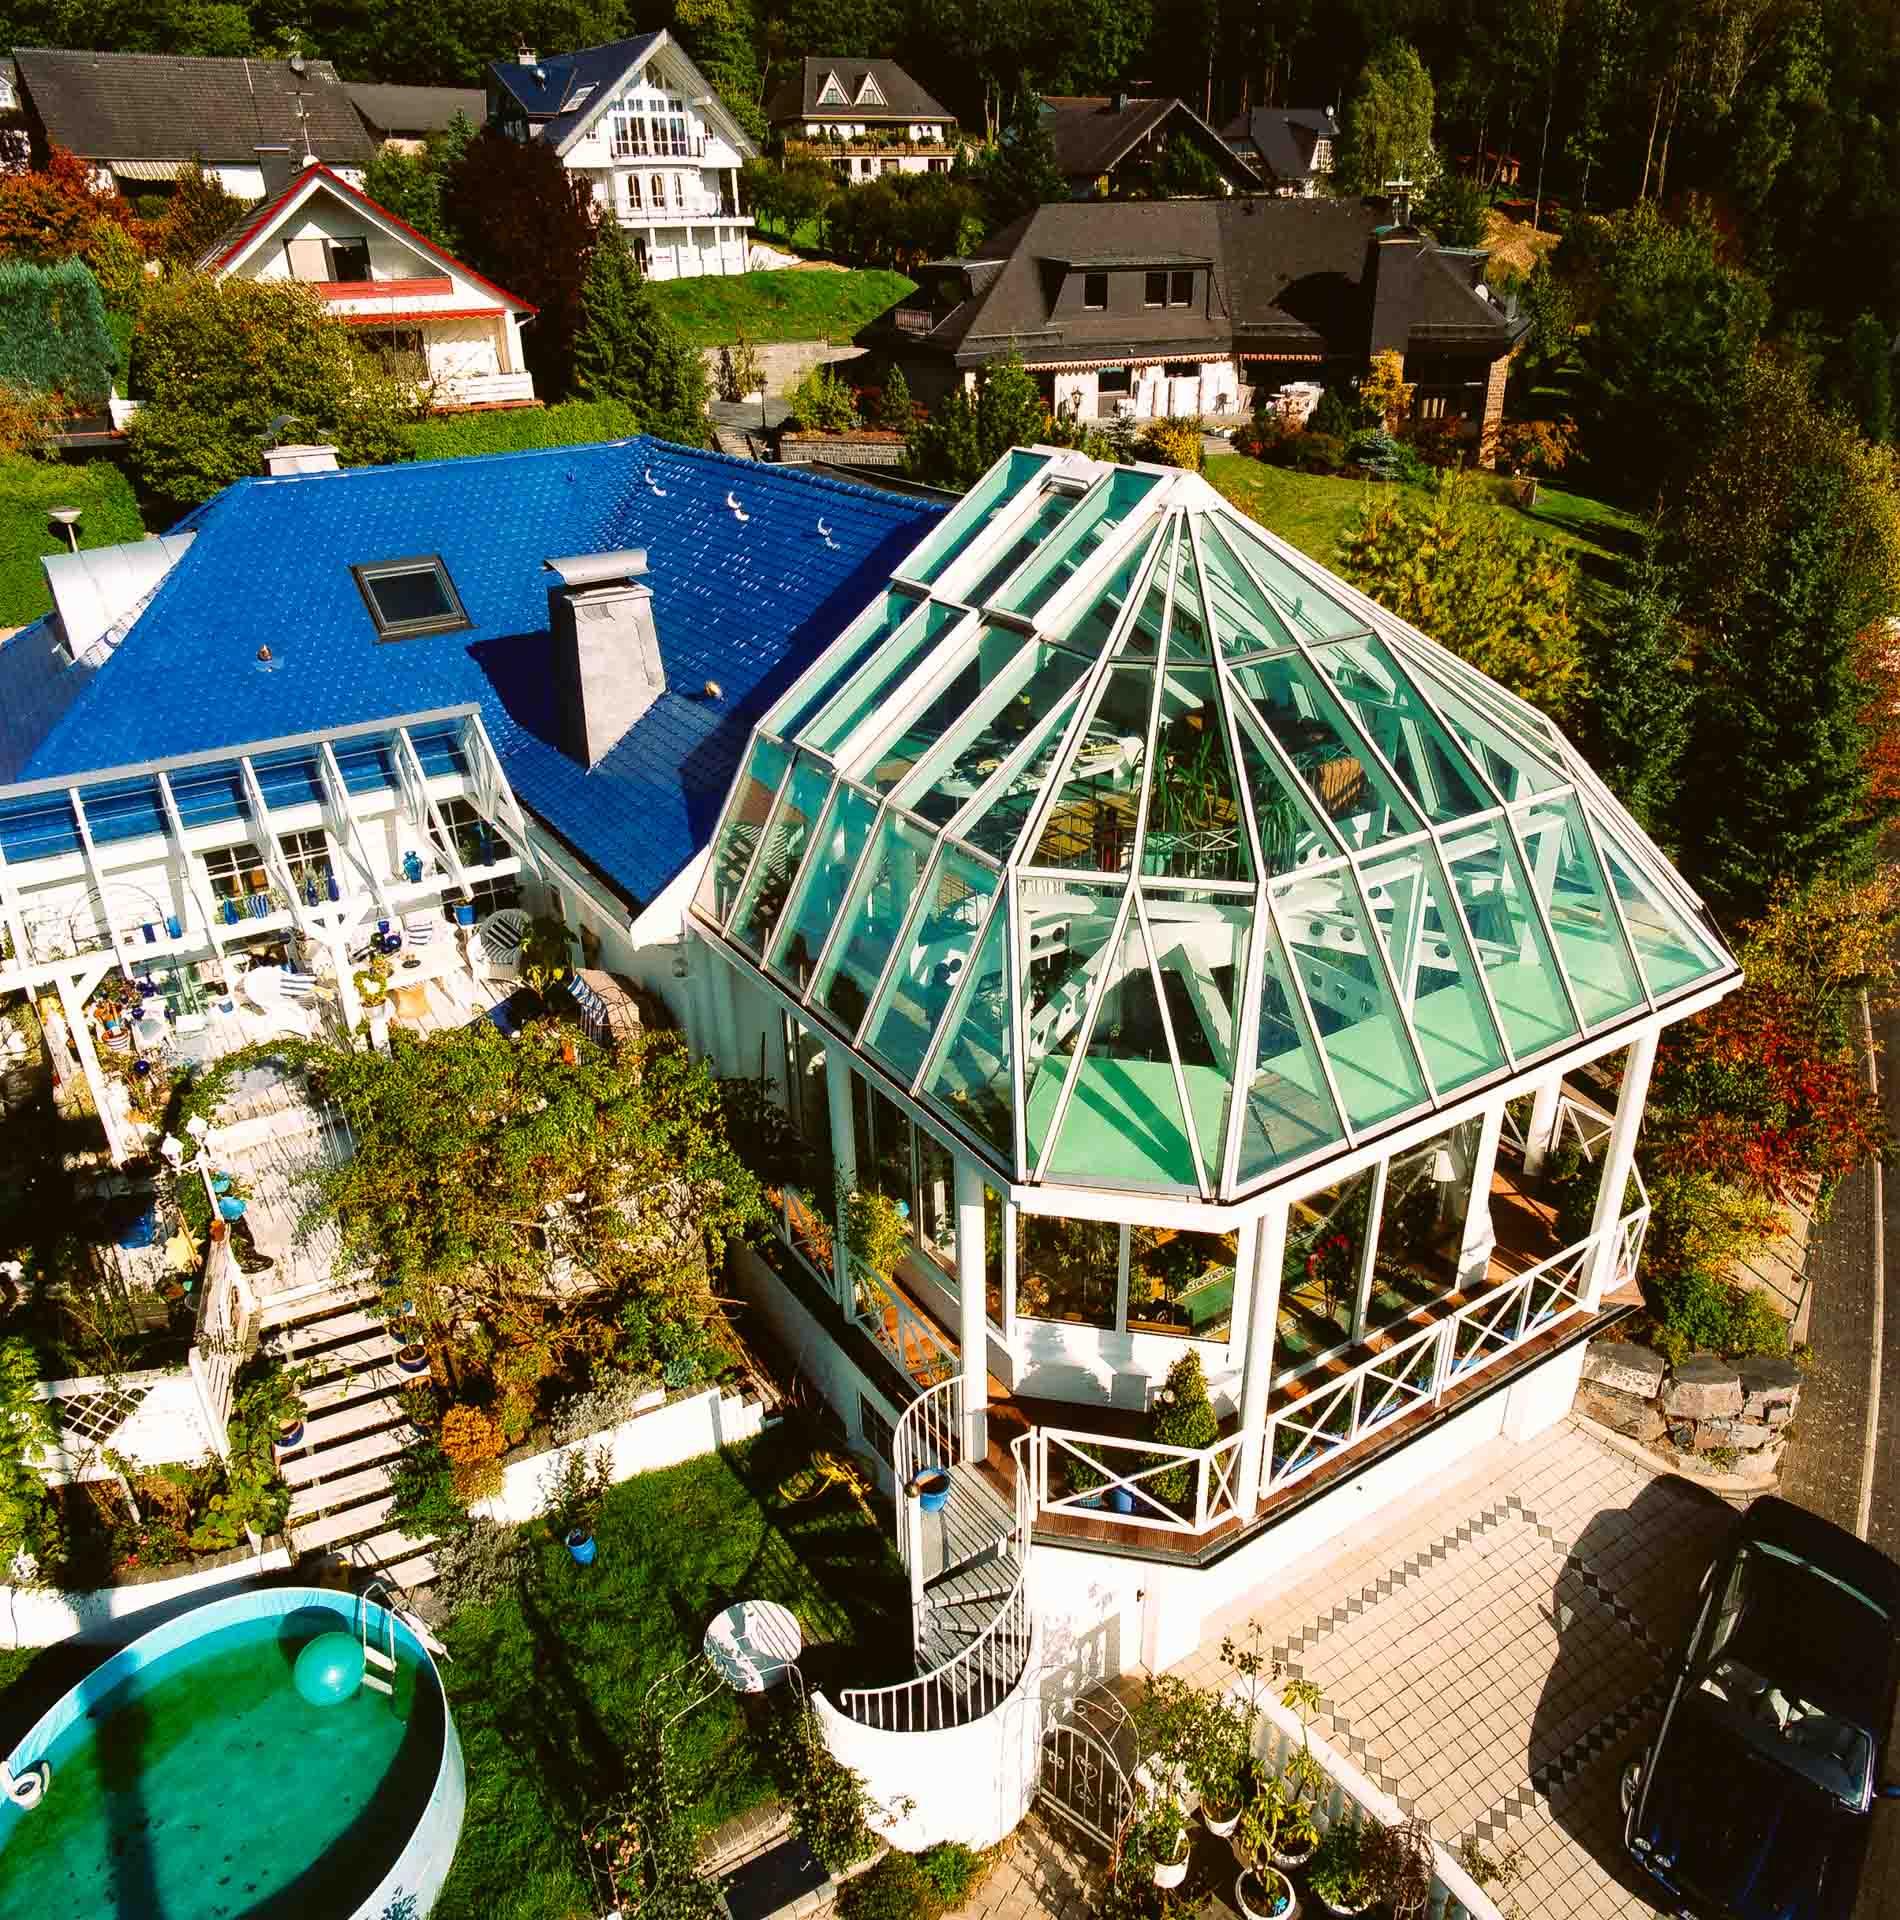 2 geschossiger Wintergarten in Engelskirchen (Objekt 717). Eindrucksvoll sind die Anbauten auf zwei Ebenen, die einen Teil des täglichen Lebens beherbergen. So wird die nutzbare Hausfläche deutlich erweitert.